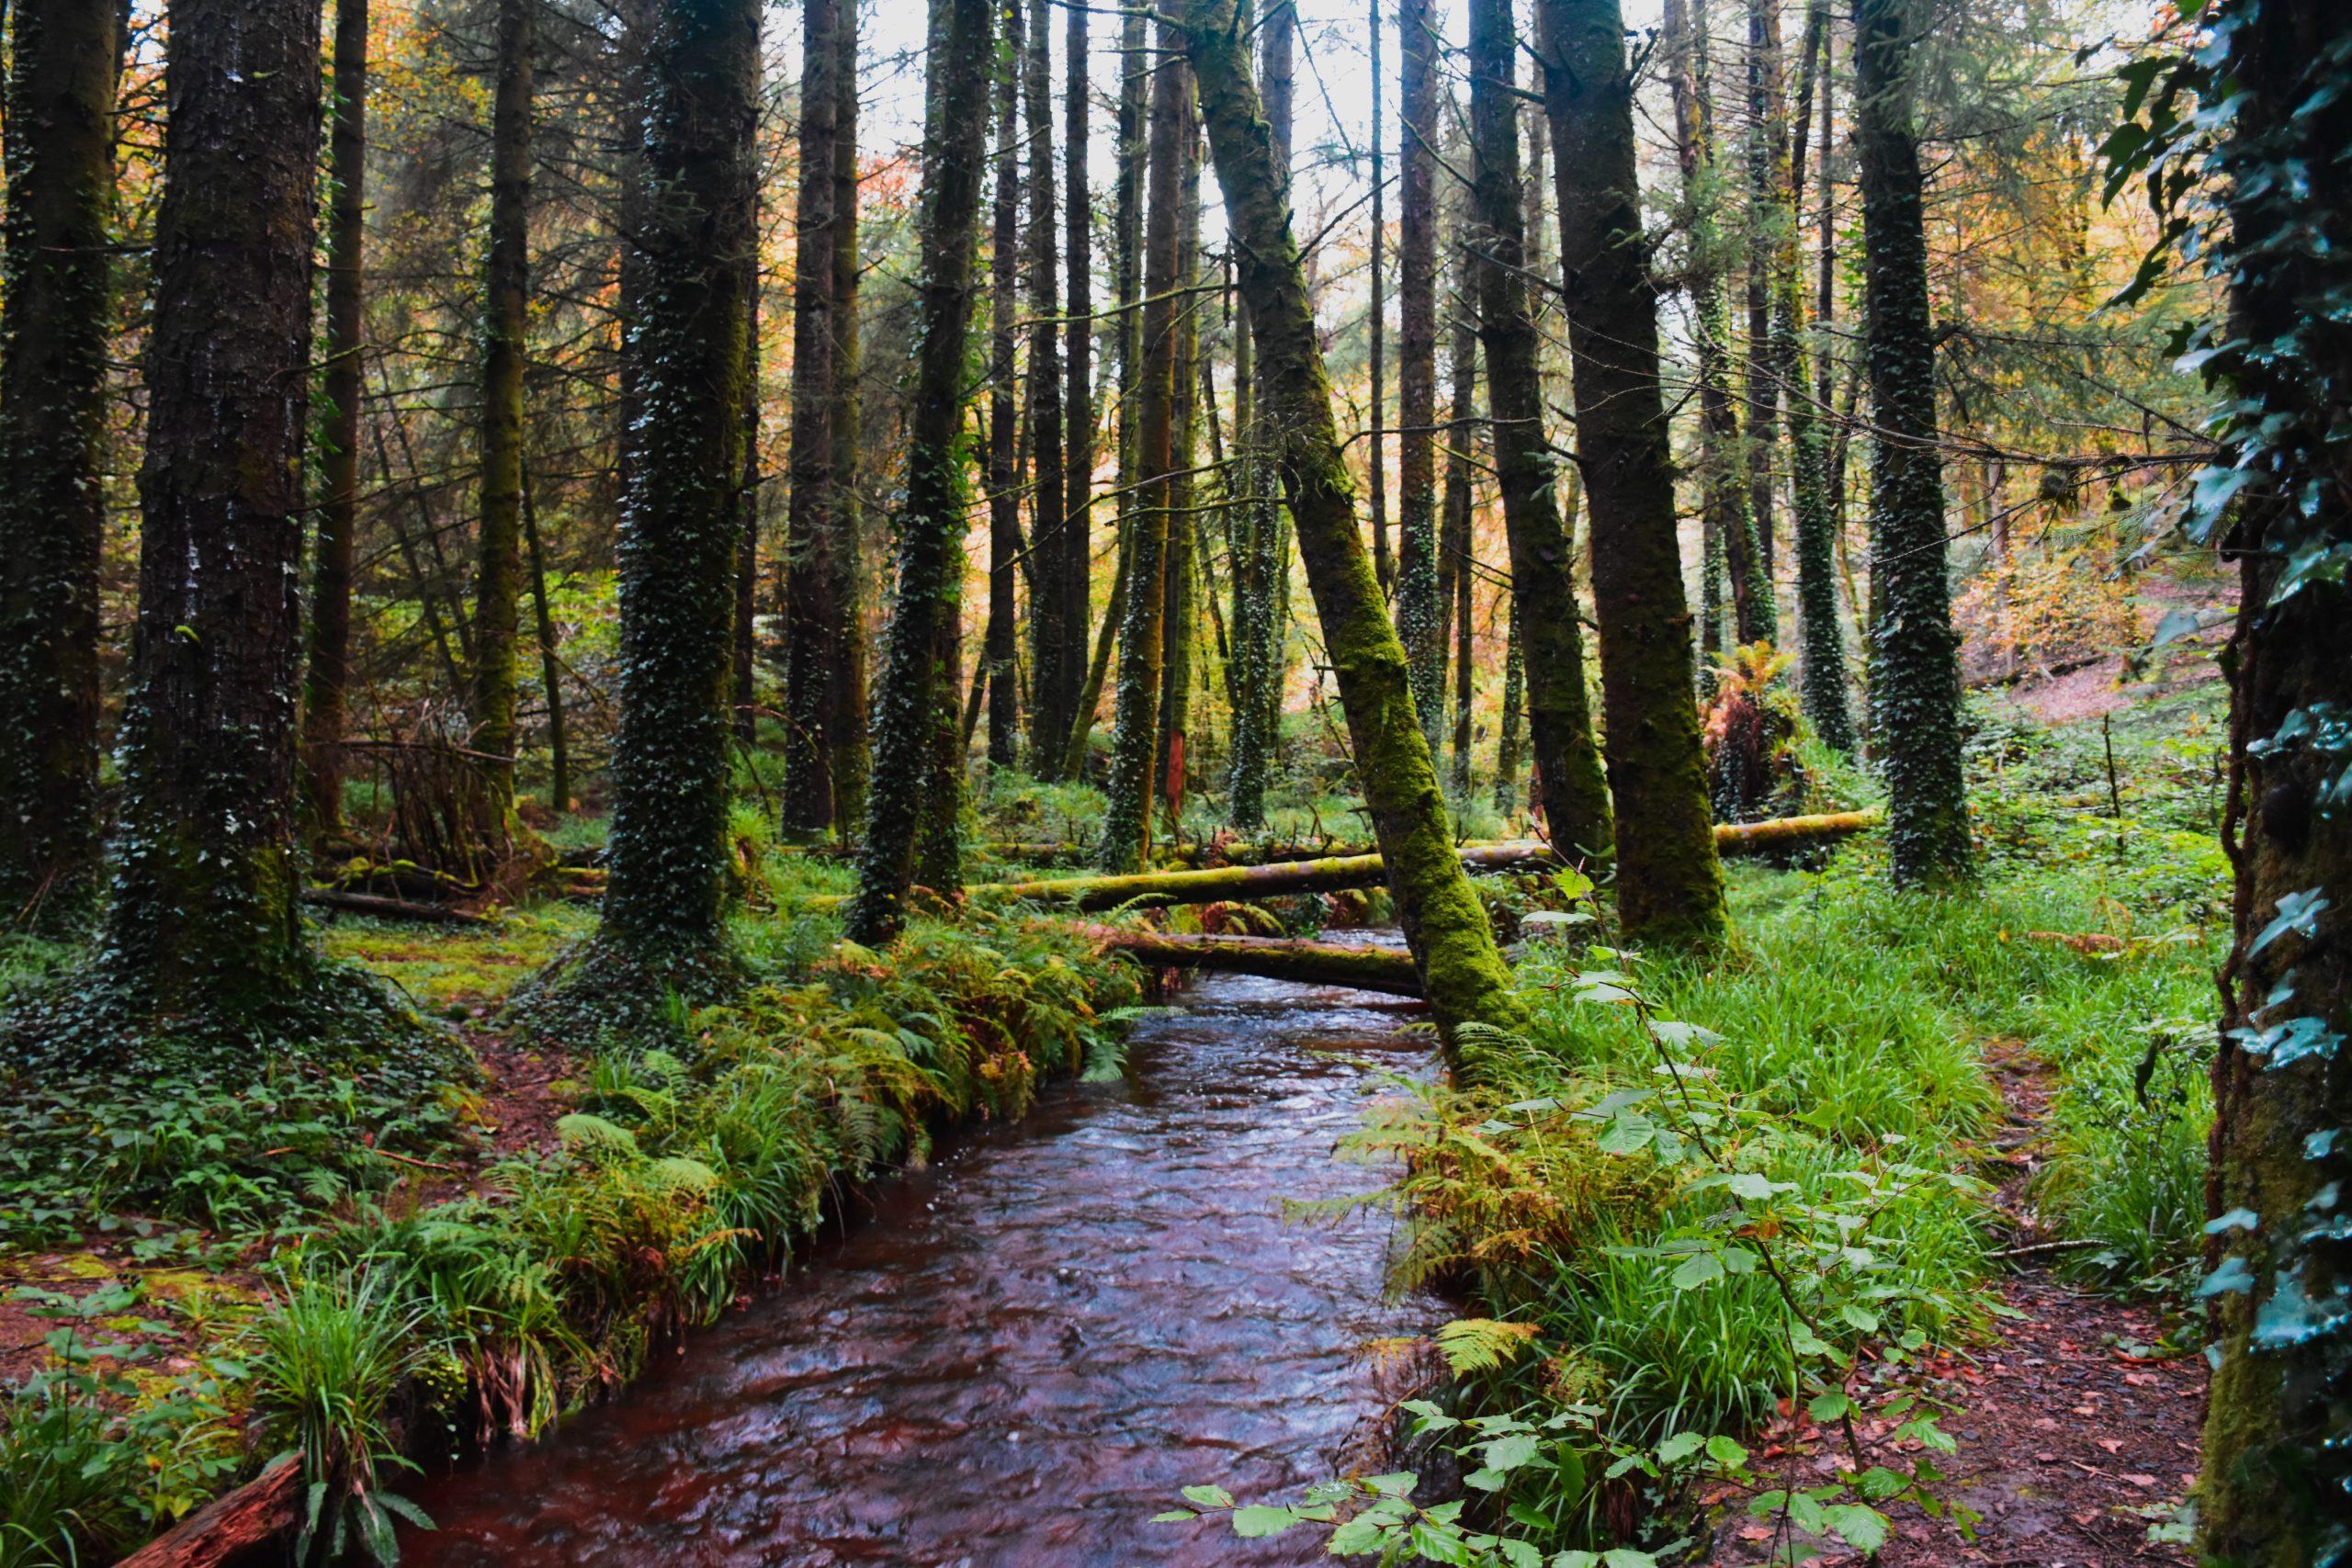 Le bois compressé dans l'Ouest